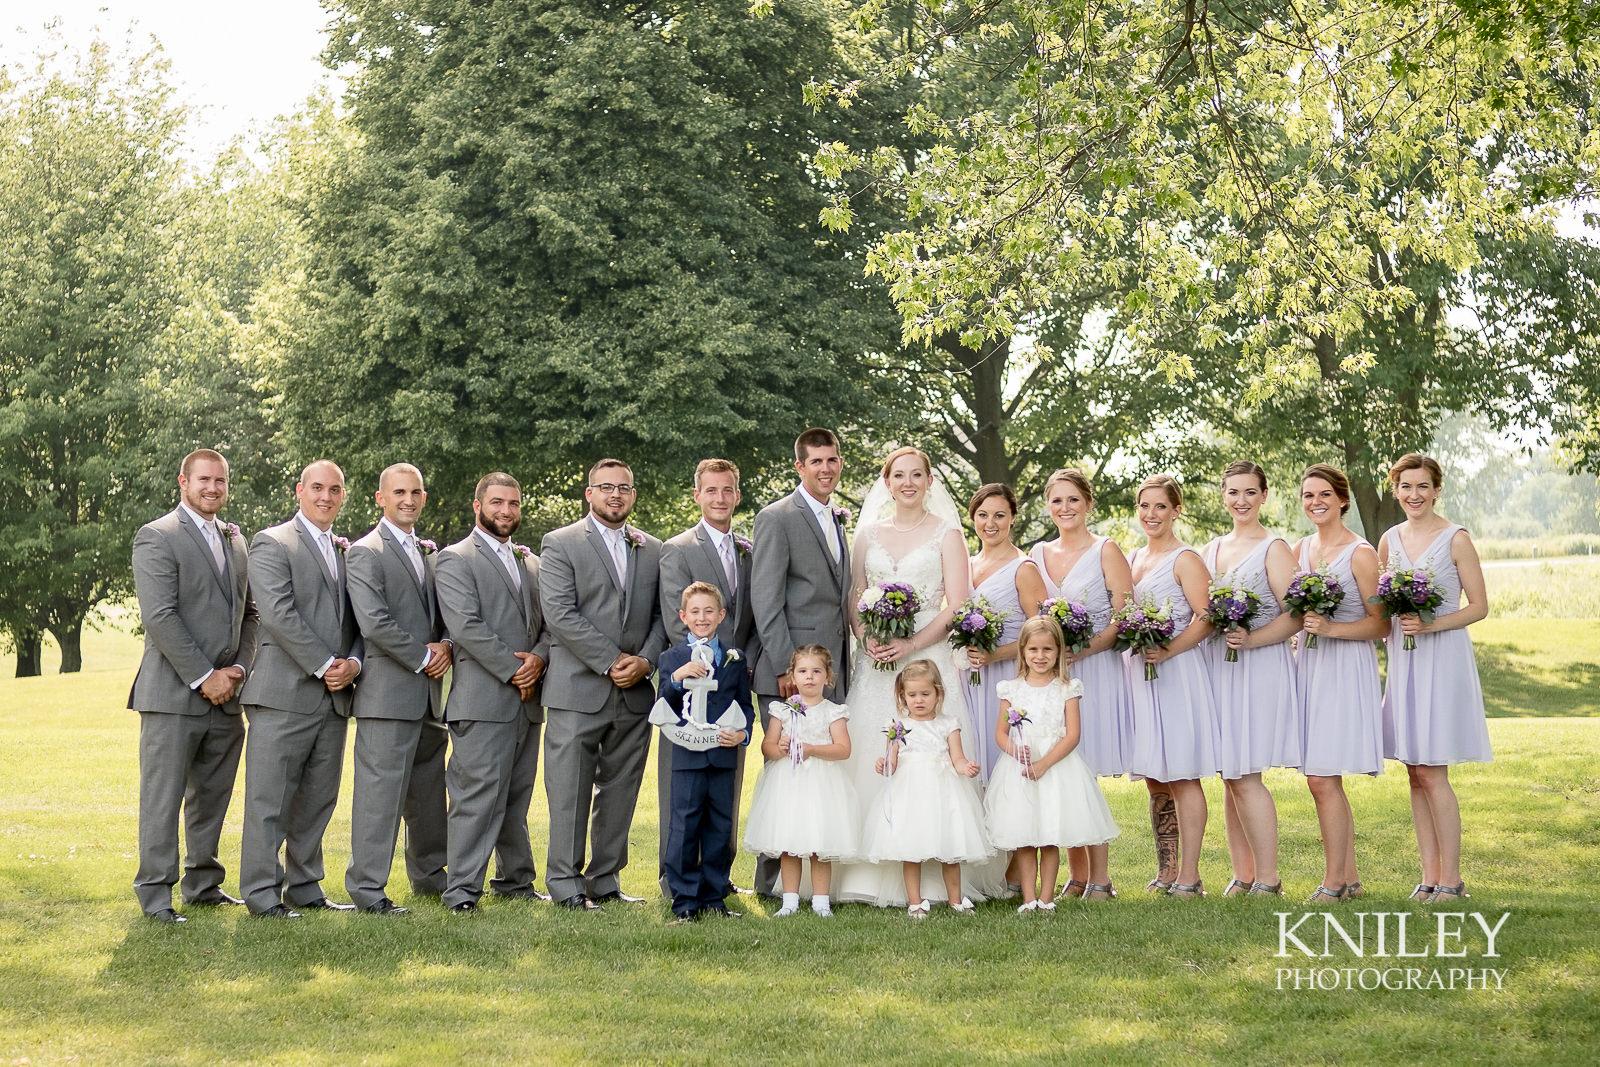 075 - Sodus Bay Heights Golf Club Wedding Pictures -XT2A4260.jpg